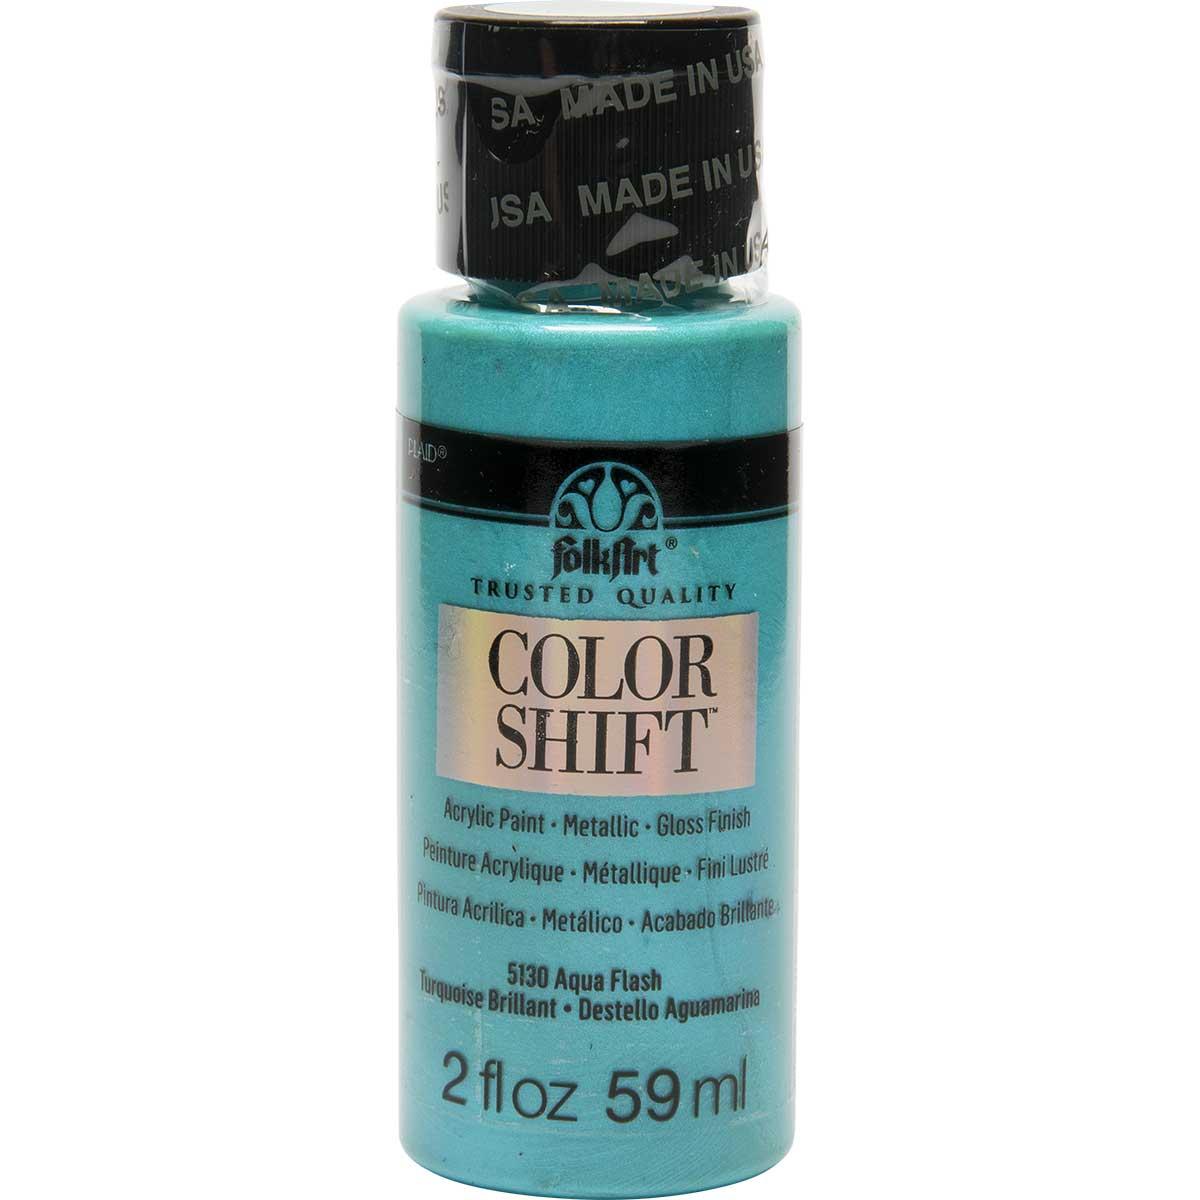 FolkArt ® Color Shift™ Acrylic Paint - Aqua Flash, 2 oz.